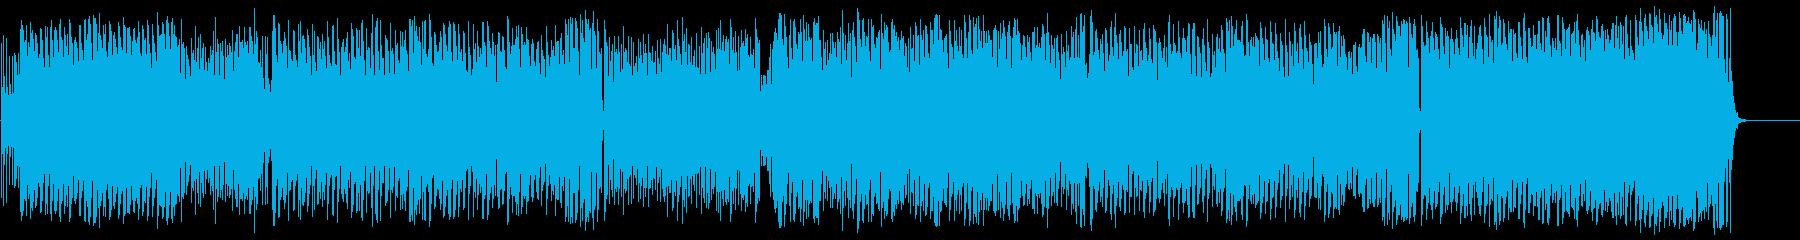 前進 躍動 スピード レース スリルの再生済みの波形